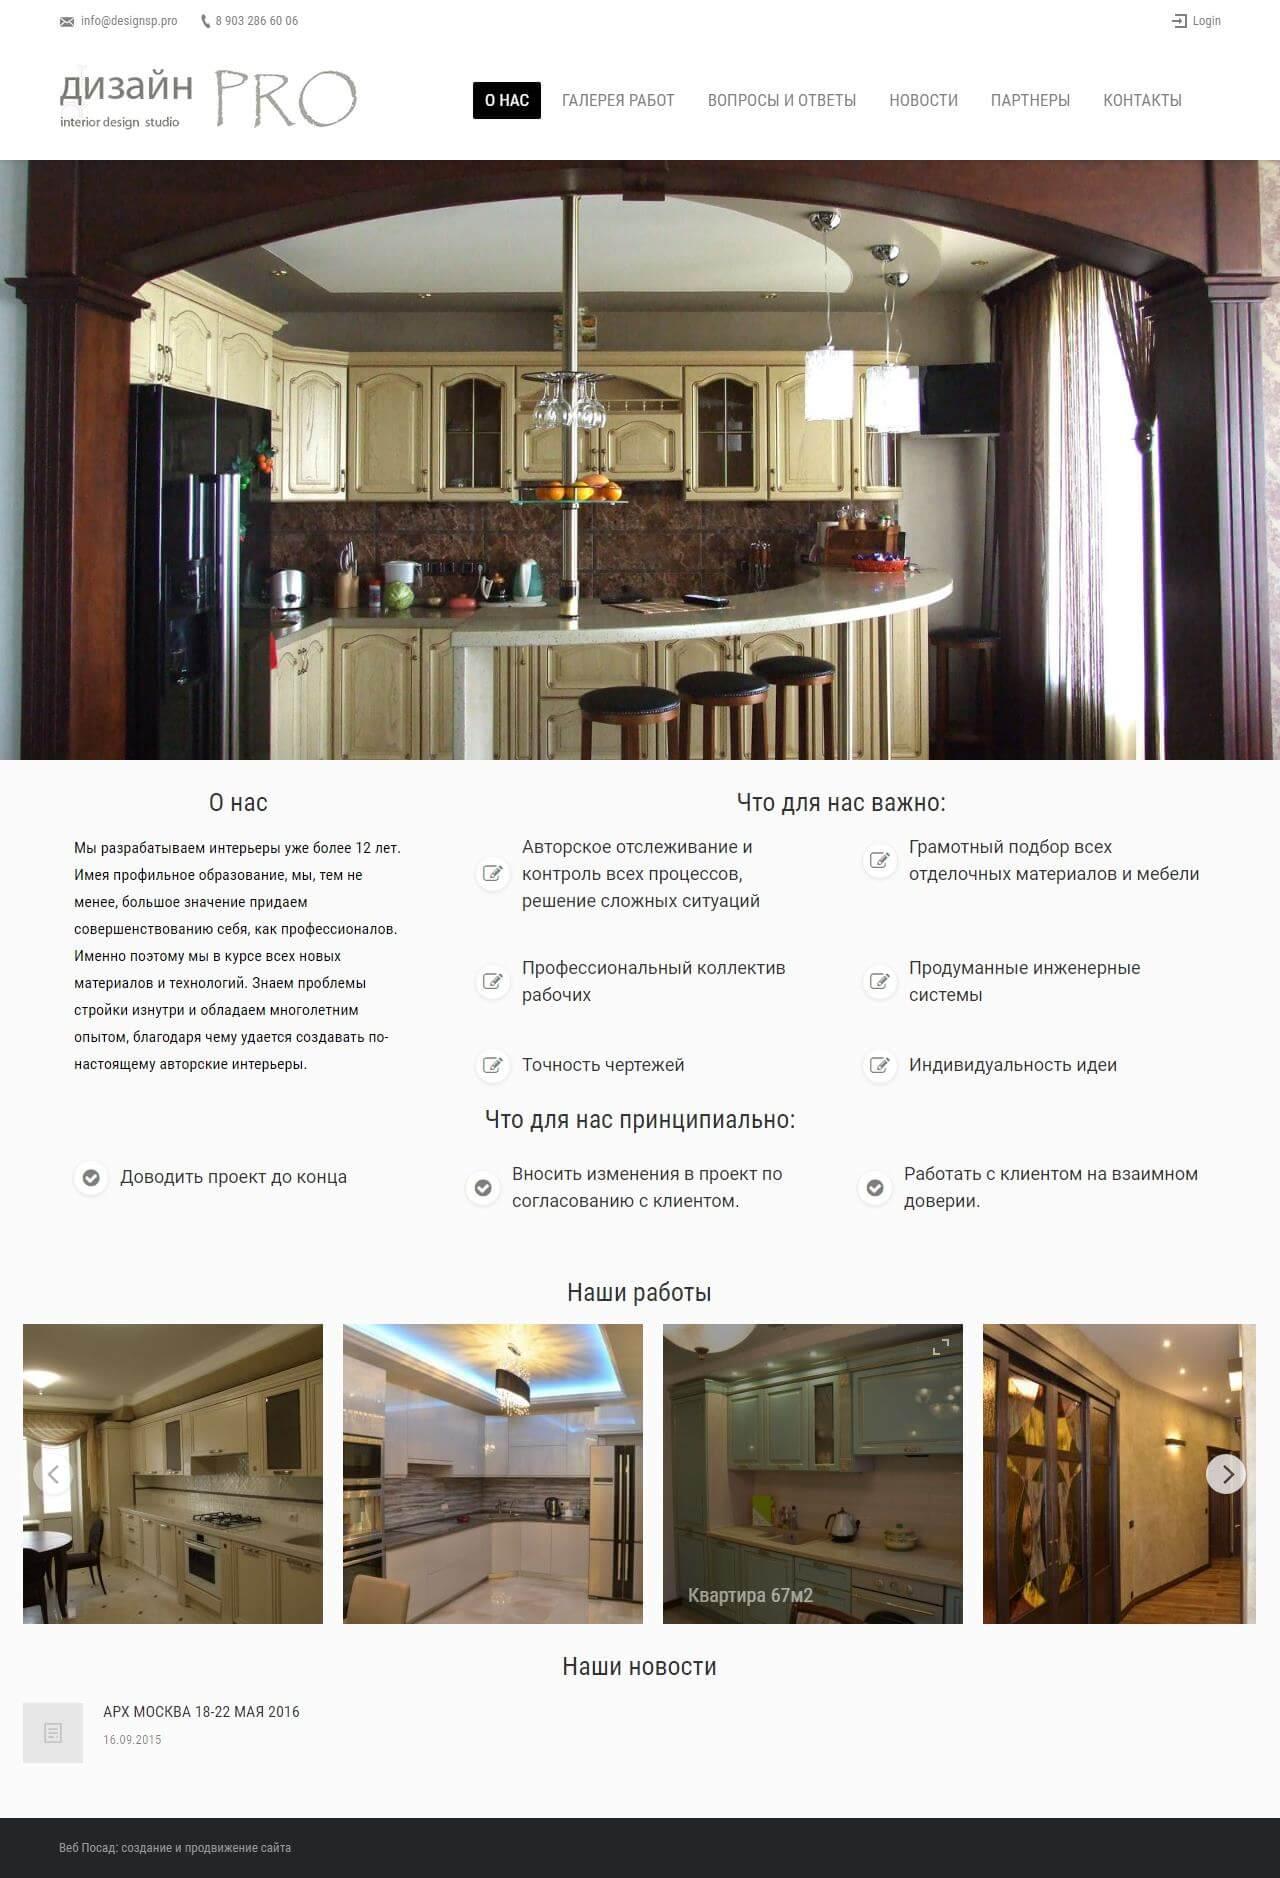 Сайт дизайна интерьеров в Сергиевом Посаде